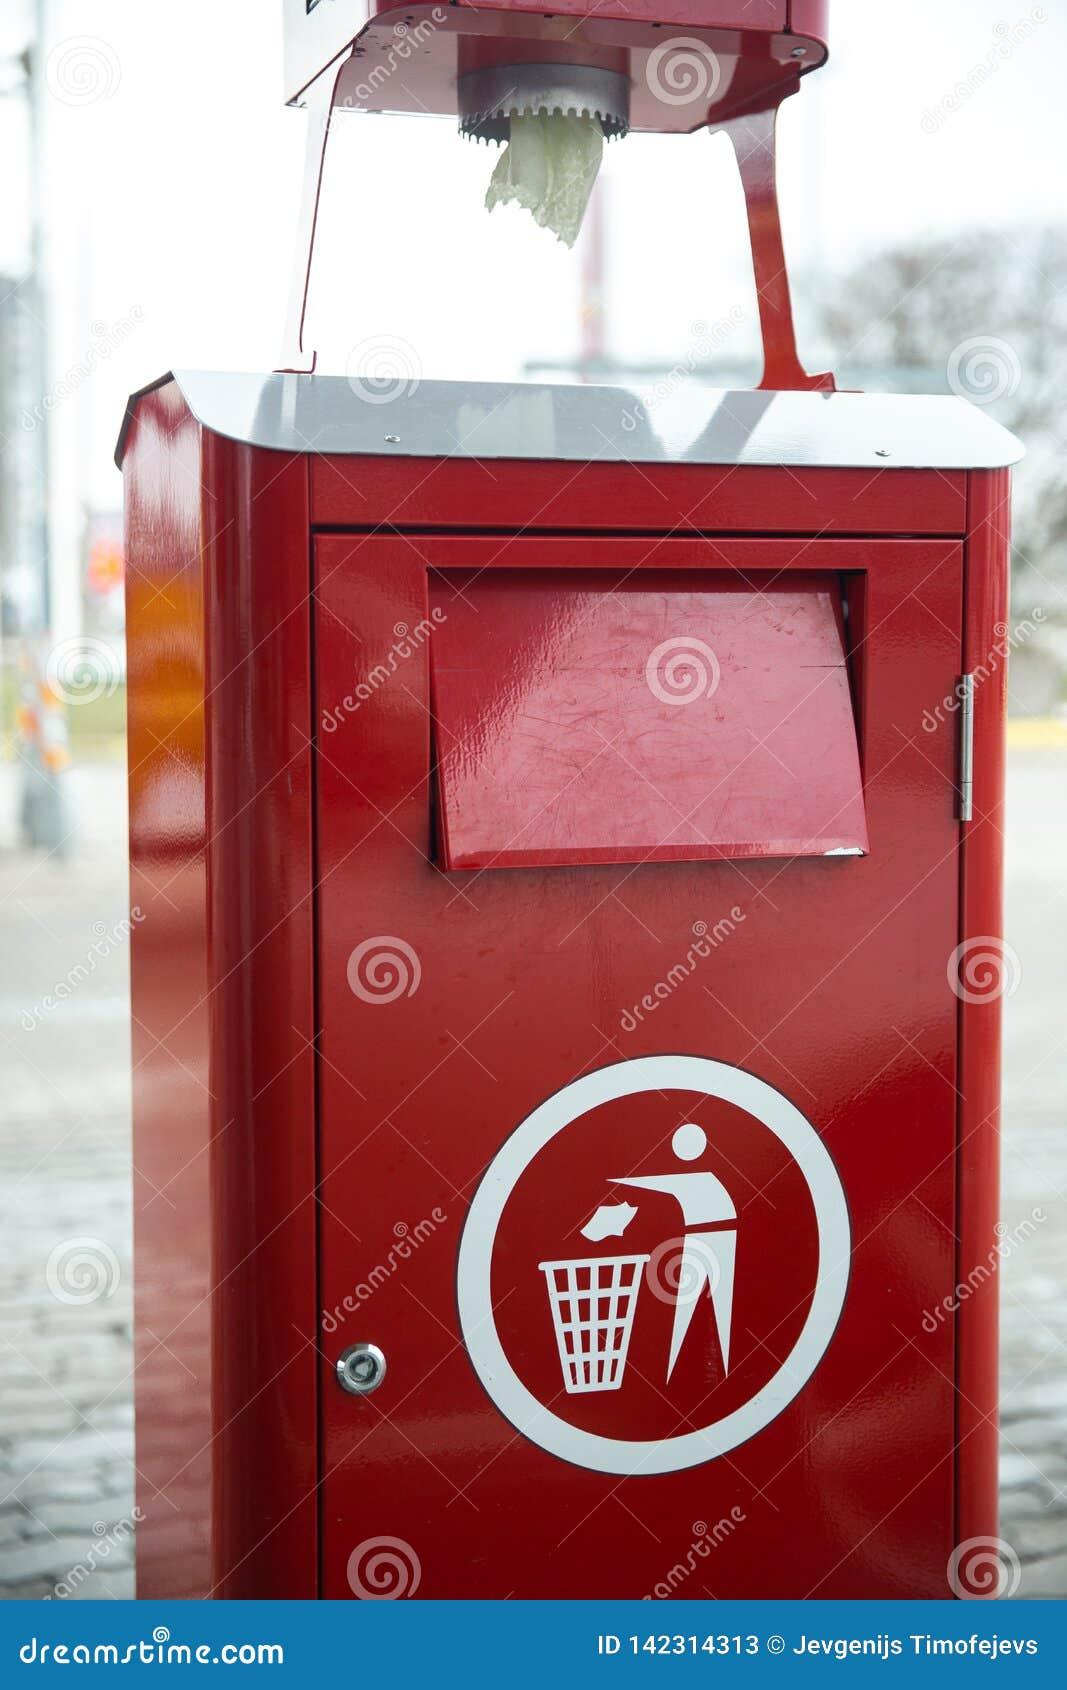 Poubelle lumineuse rouge en métal à une station service